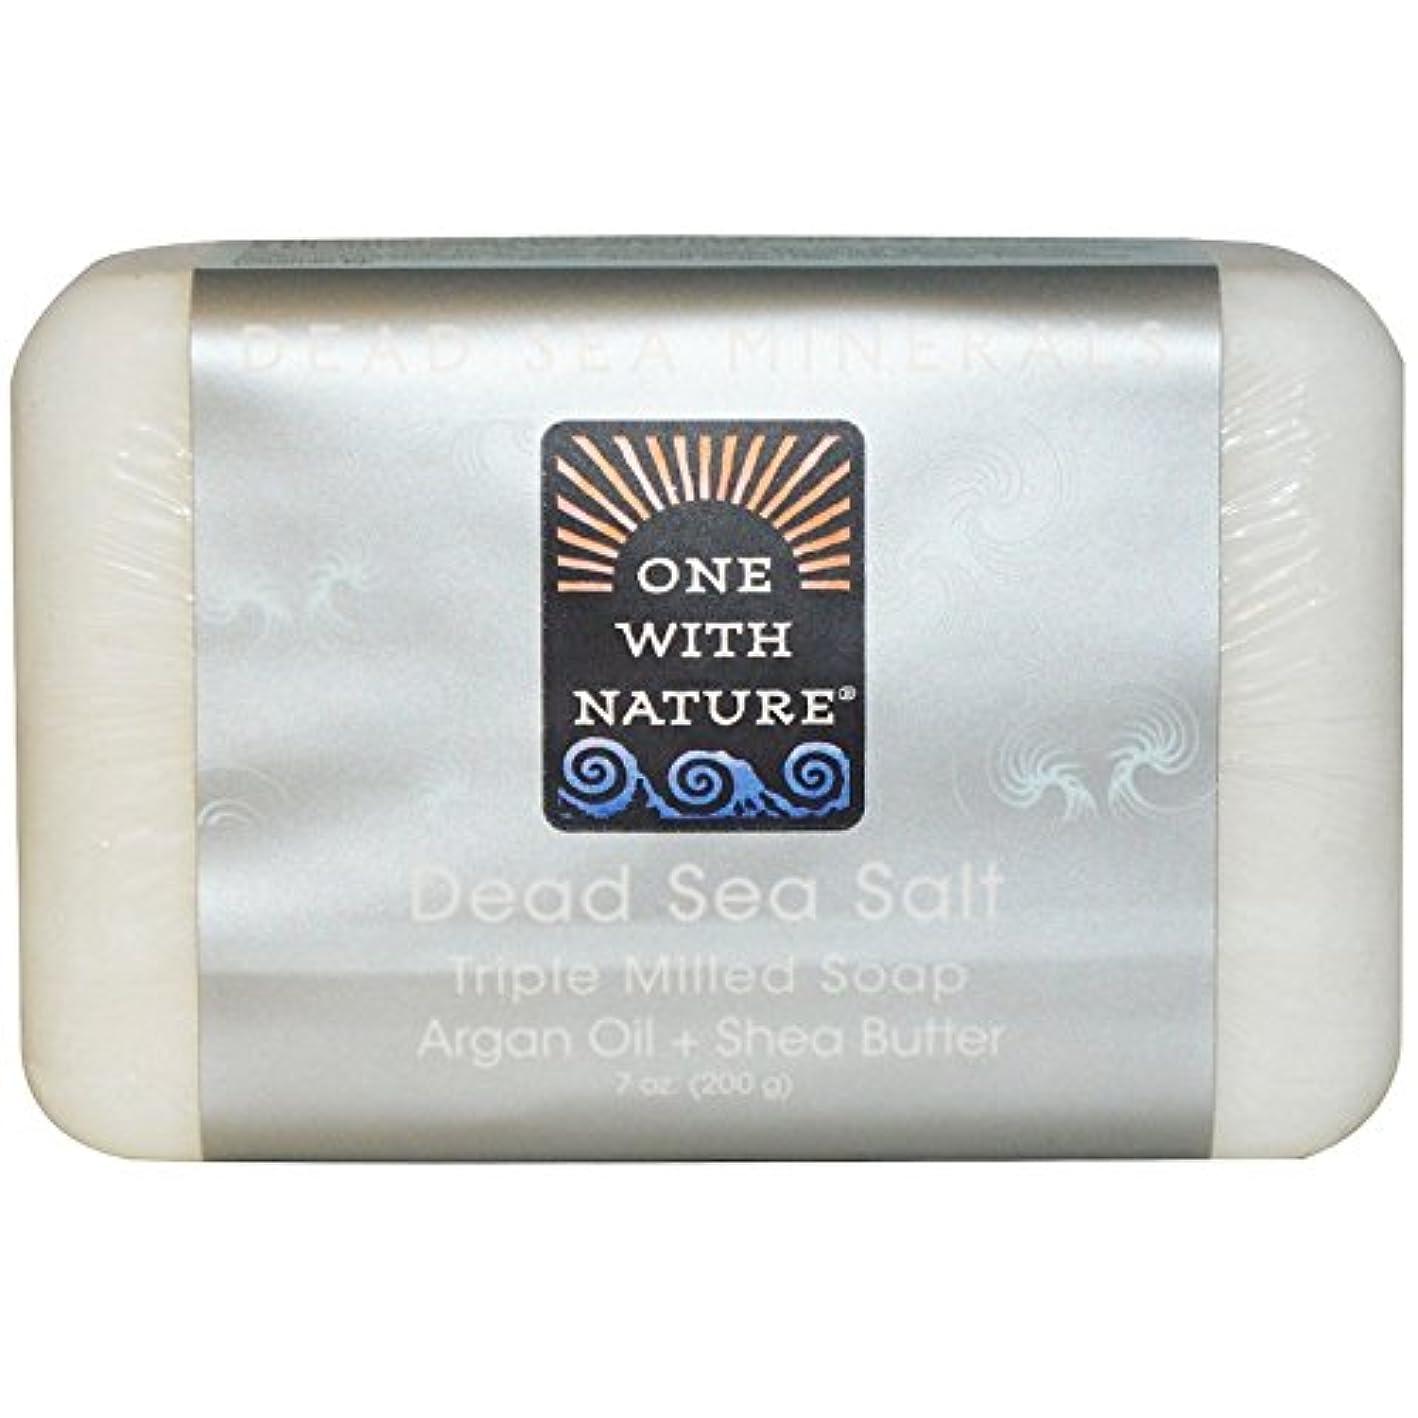 ぜいたく芝生食事One With Nature - 死海死海の泥を活性化させるミネラル棒石鹸 - 7ポンド [並行輸入品]